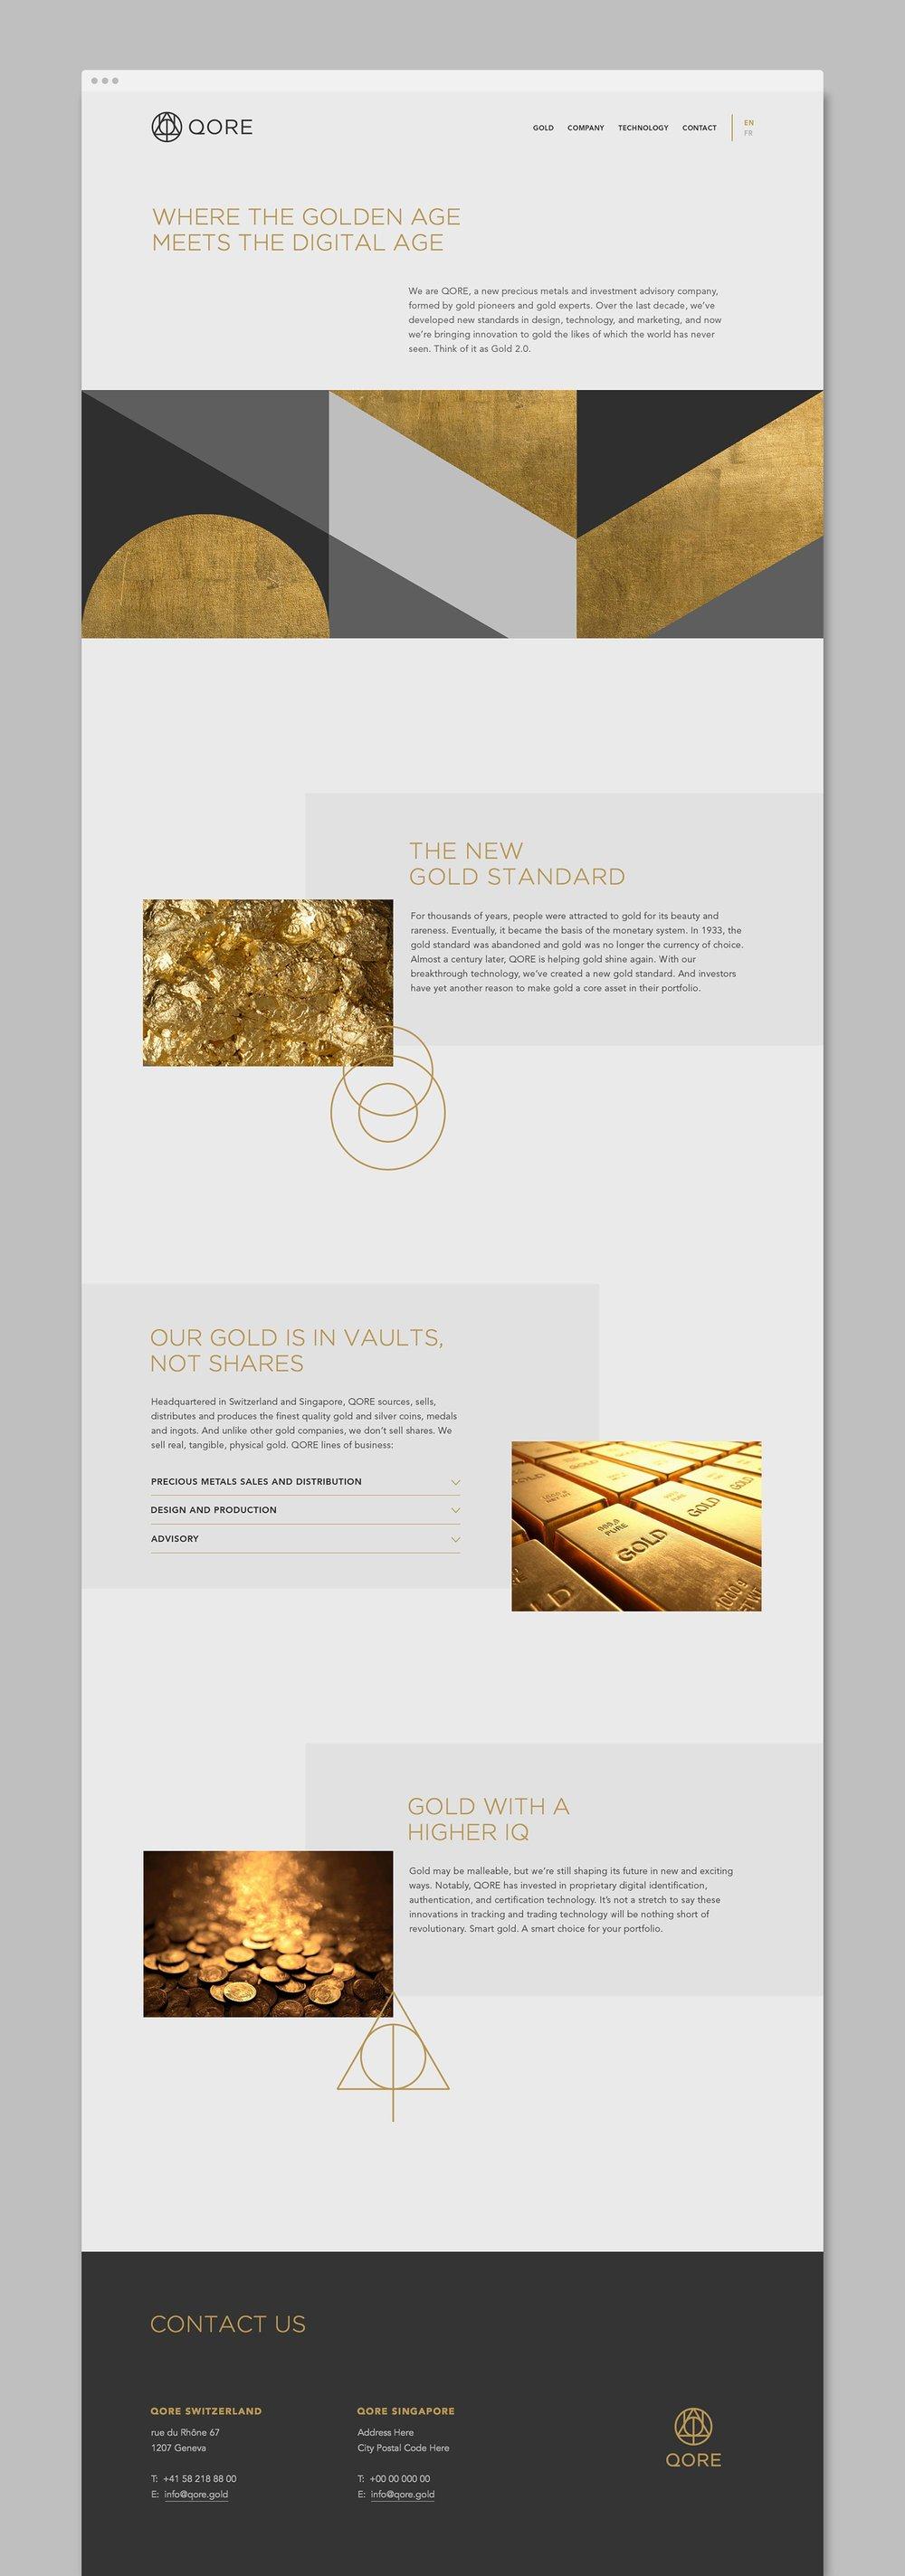 13_TRUF-QORE-gold-identity_GFY.jpg